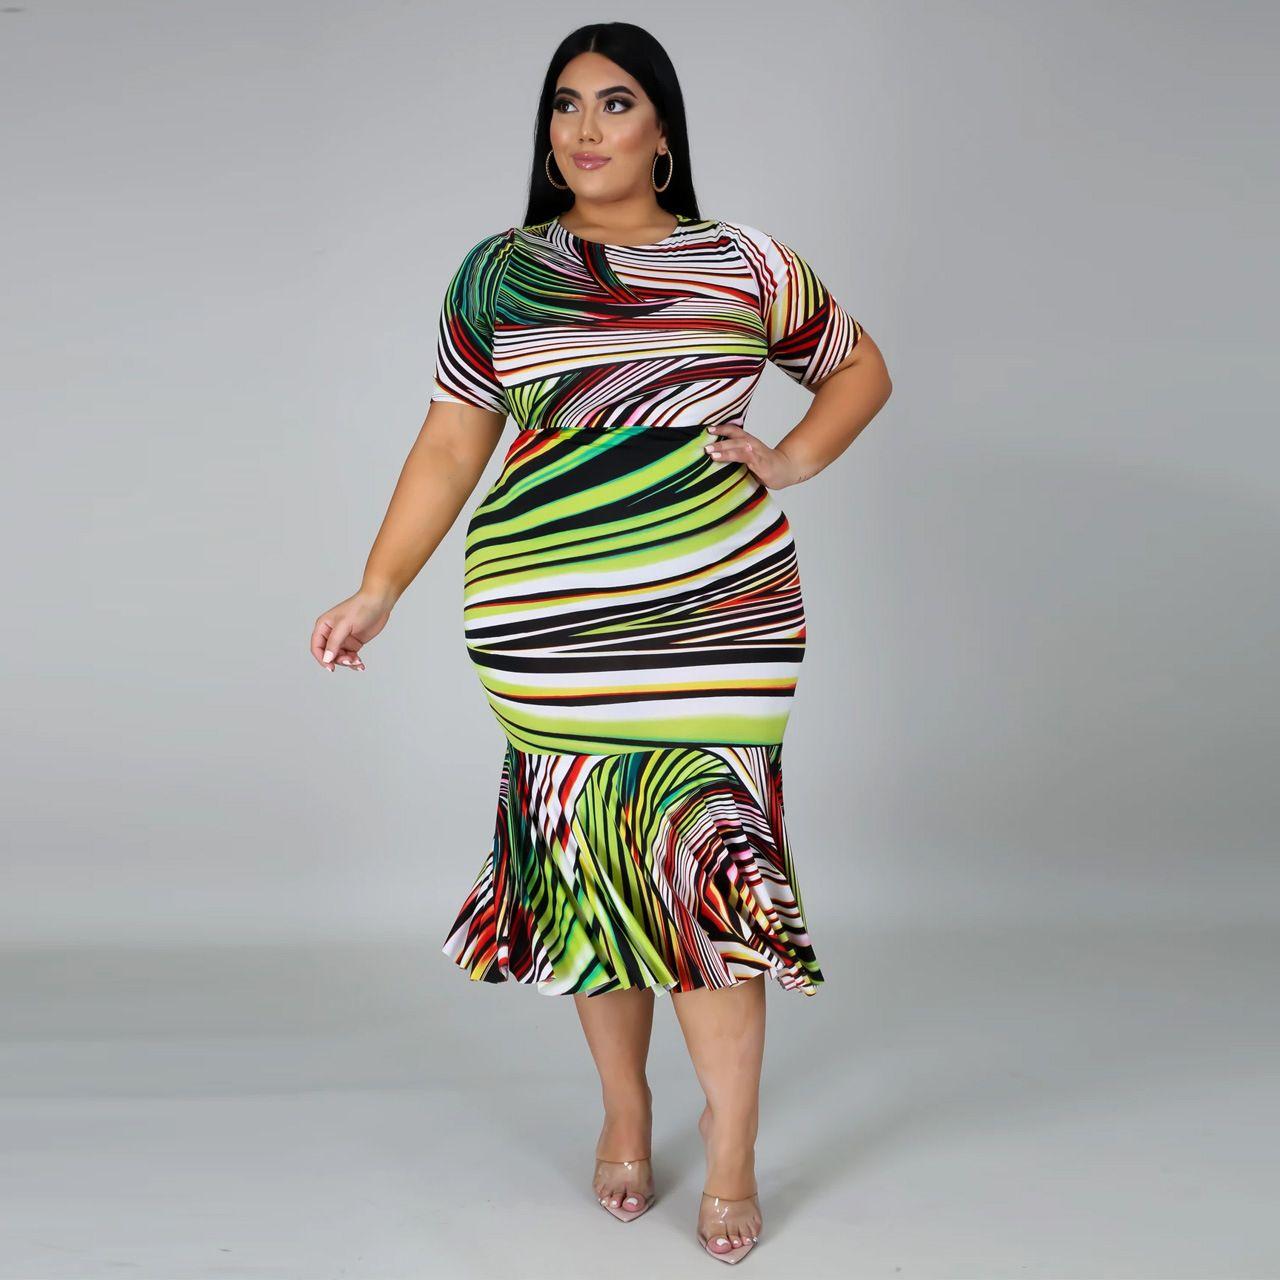 Plus Size Impression numérique Robe 2020 trompette / sirène de femmes Robes à manches courtes encolure ras du cou Robe Casual